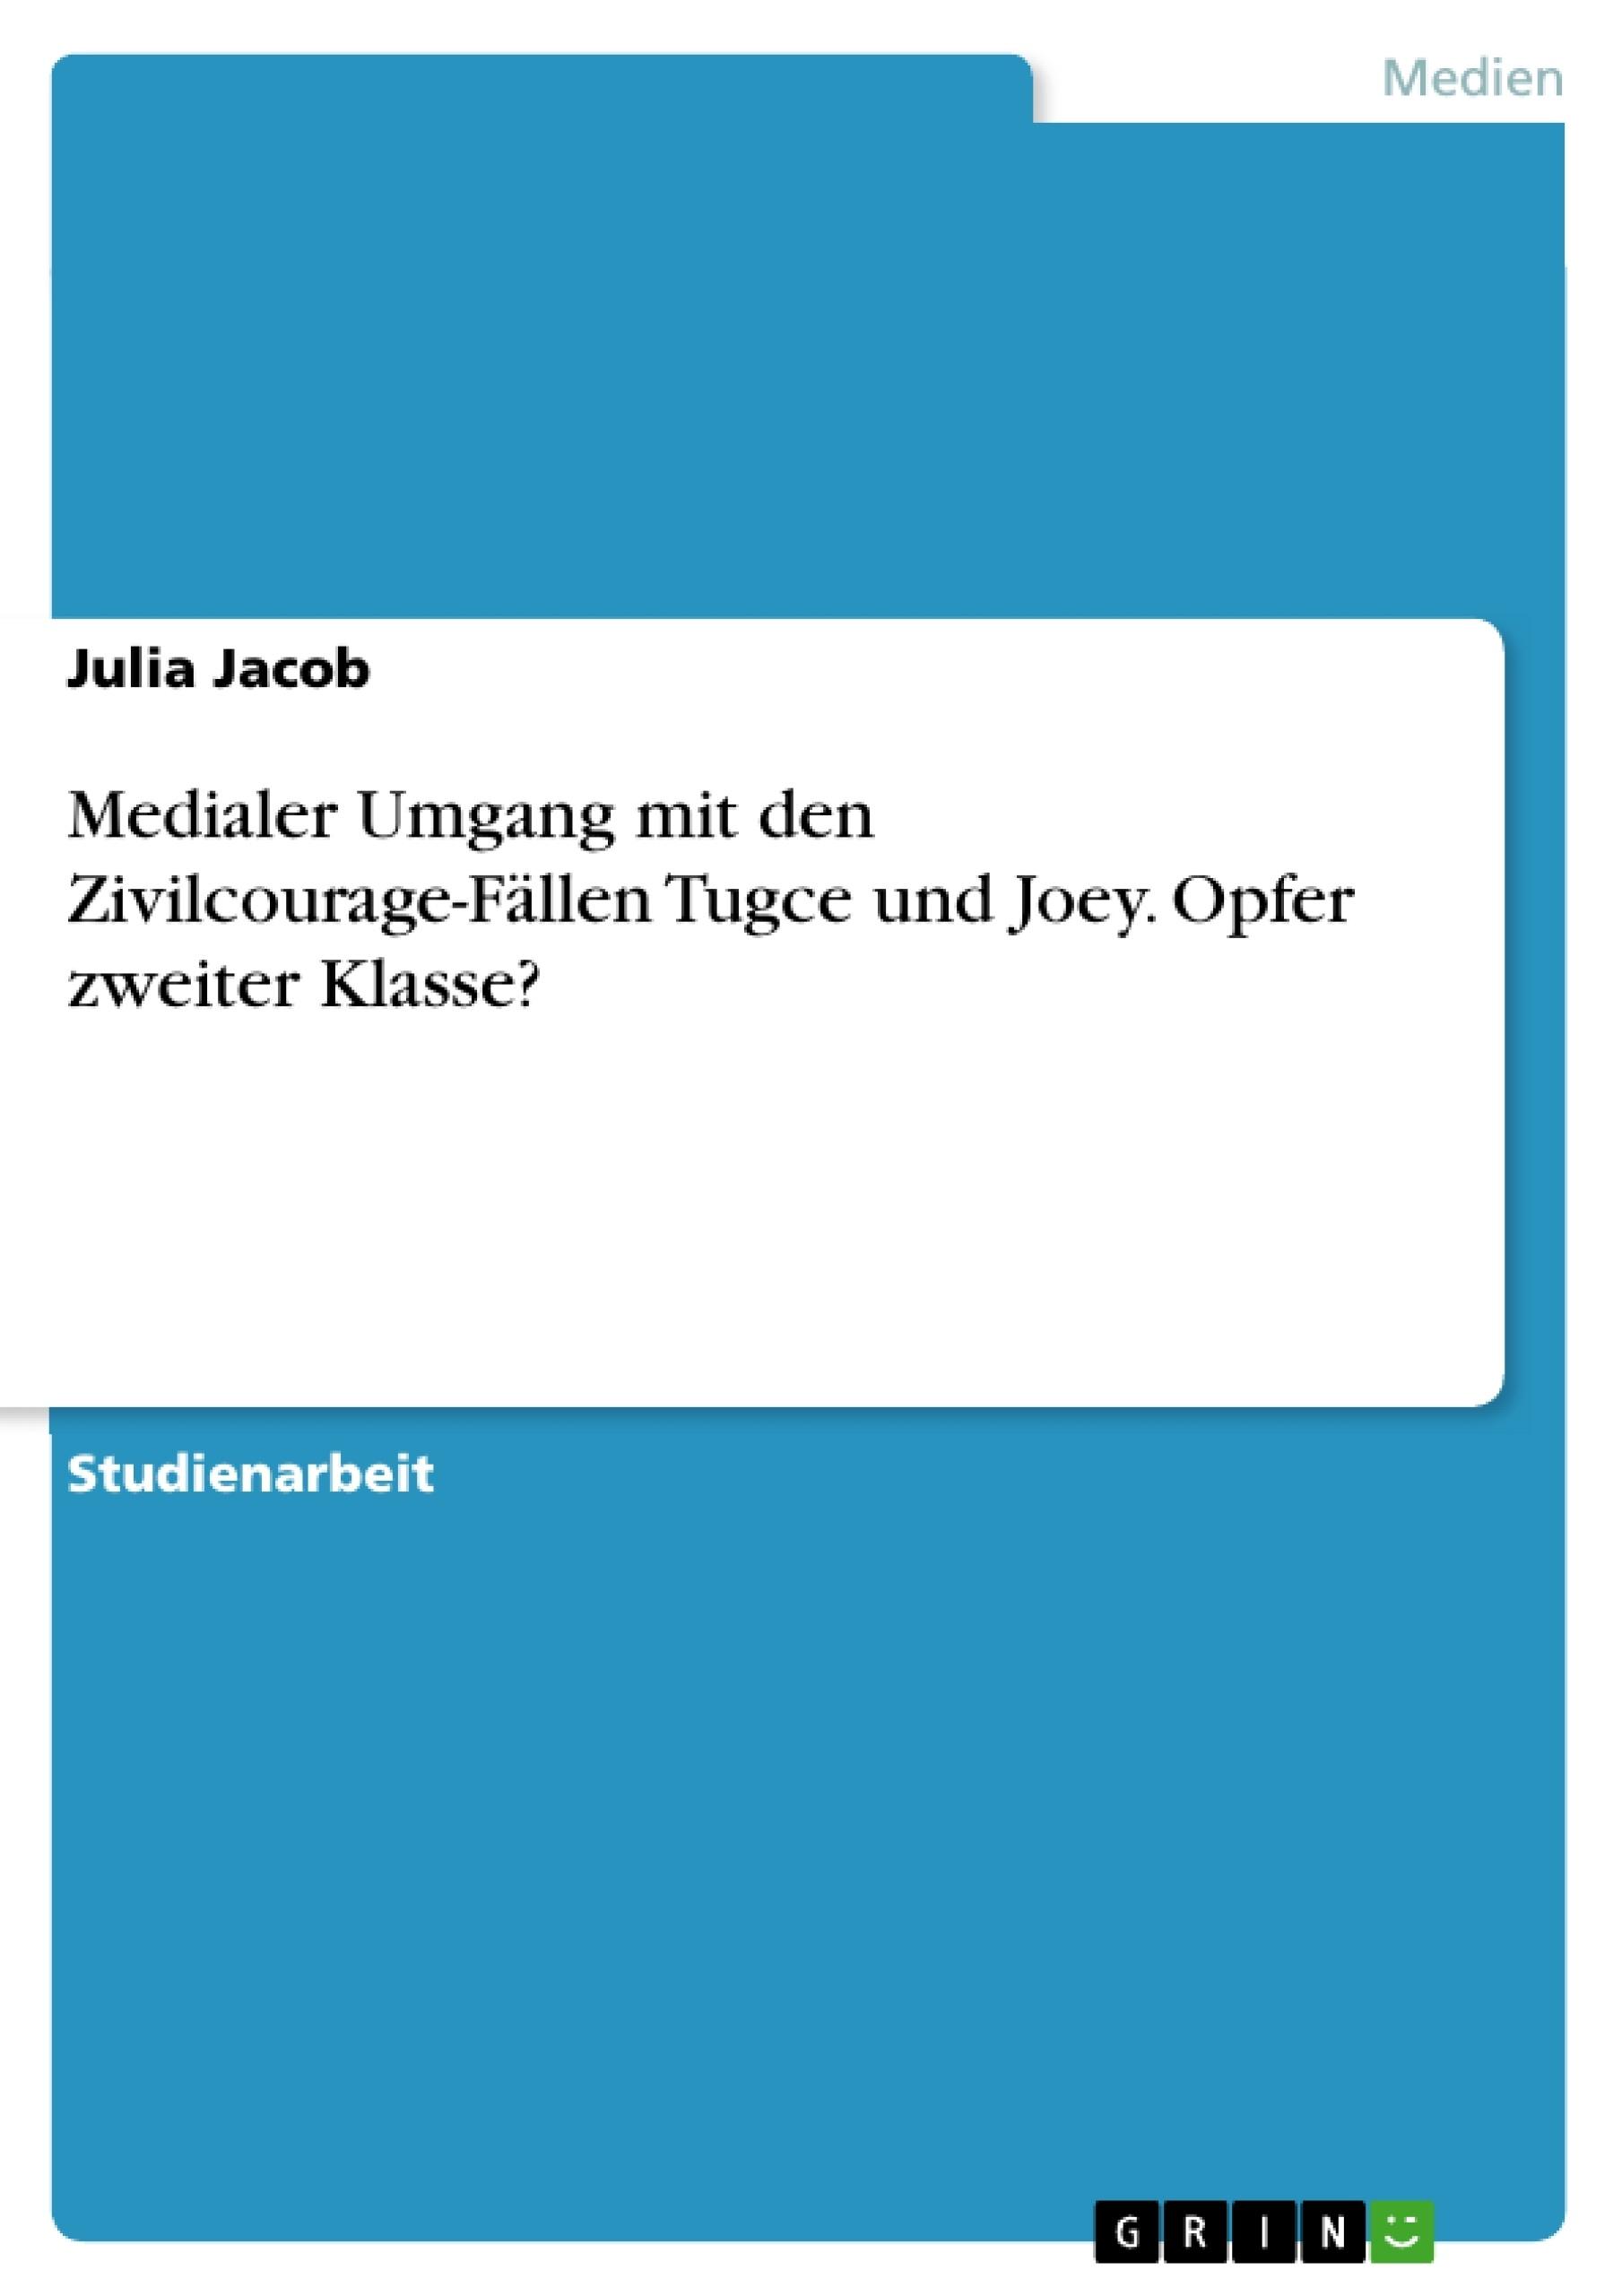 Titel: Medialer Umgang mit den Zivilcourage-Fällen Tugce und Joey. Opfer zweiter Klasse?